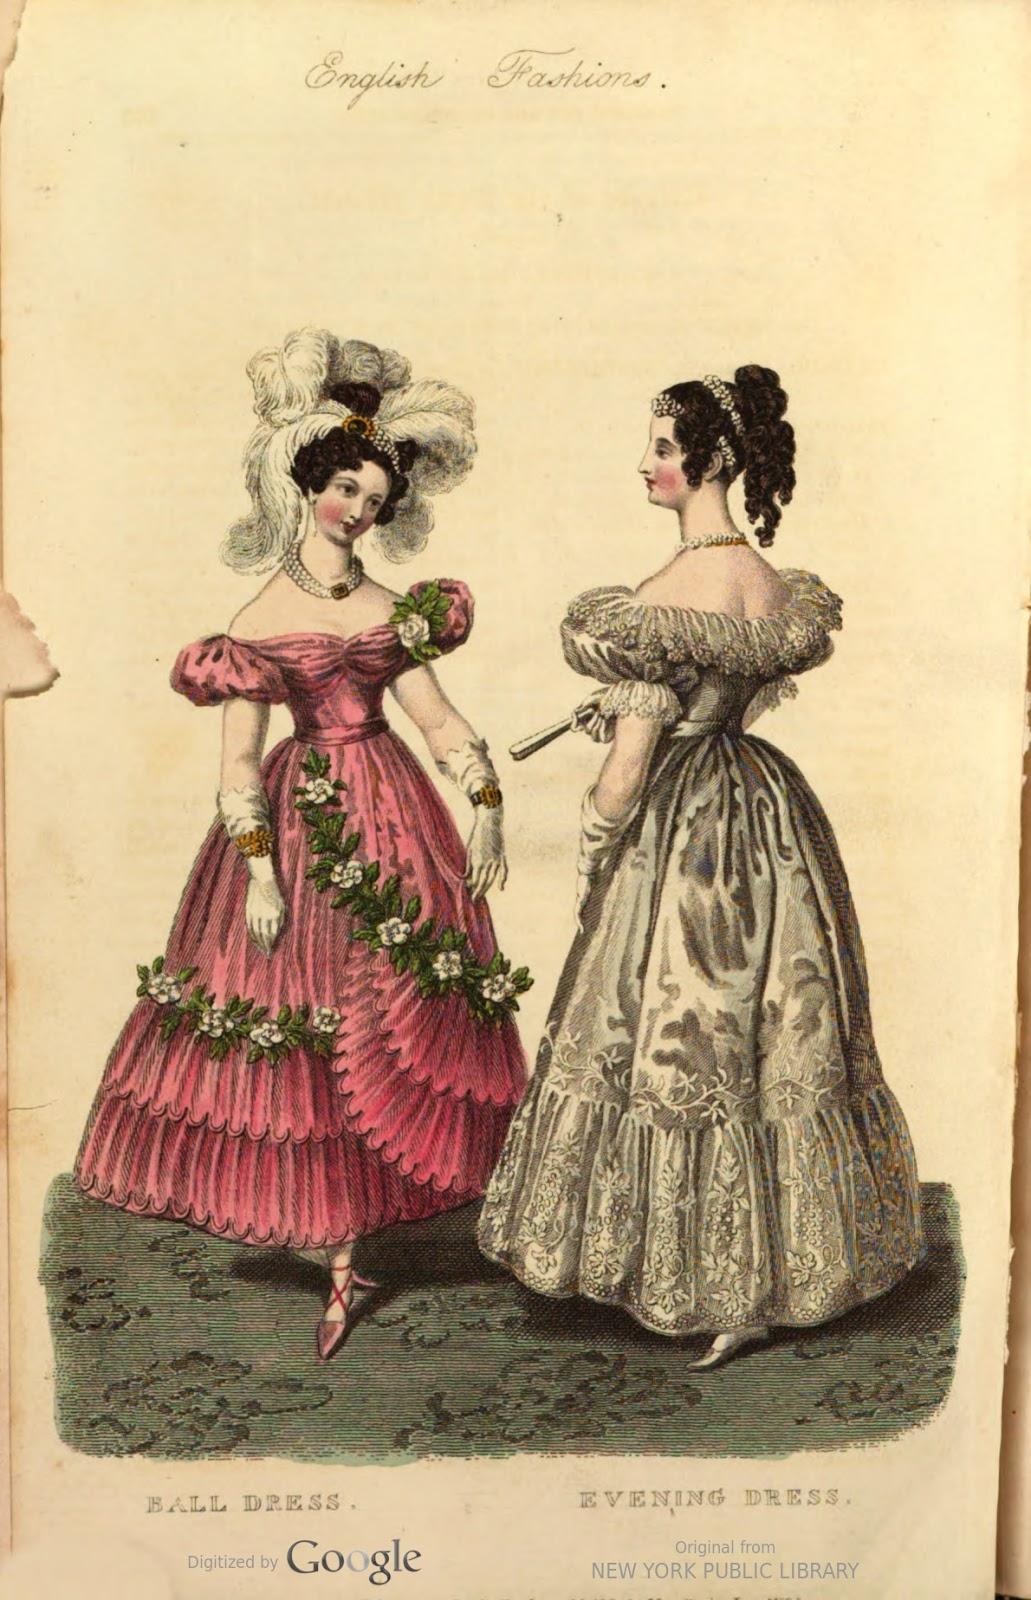 2feaf5041a Báli ruha rózsaszín gros de Naples alsóval és hasonszínű géz felsőruhával,  rövid béret ujjakkal, redőzött derékkal, a szoknyán géz fodrozattal és  fehér ...